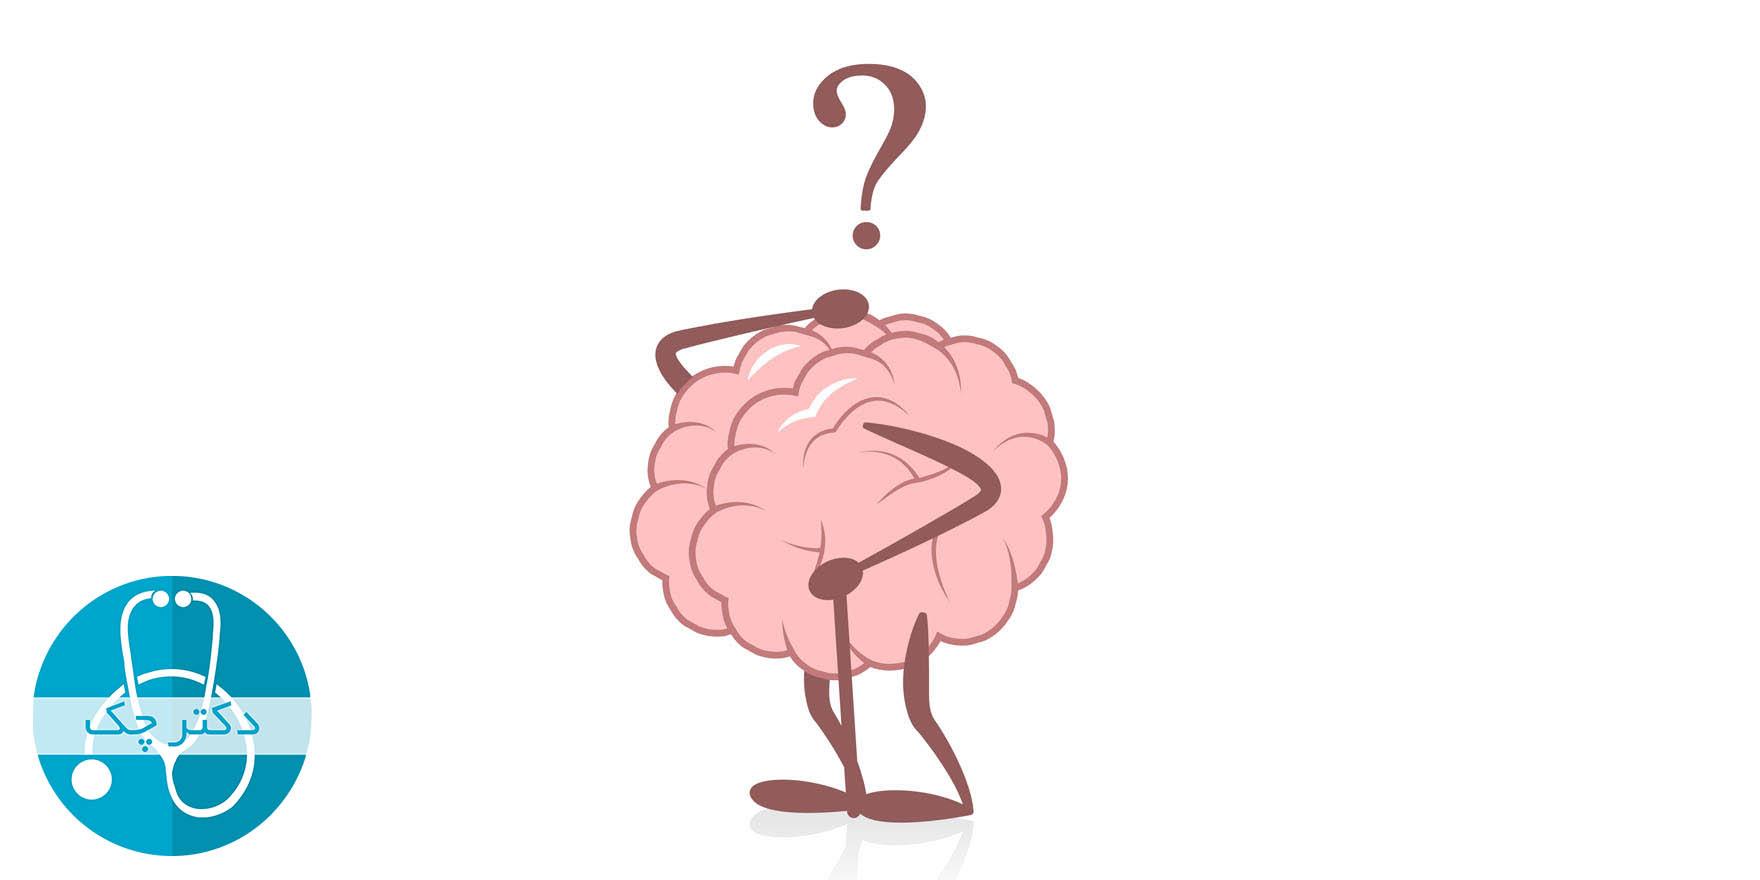 بررسی روش های مختلف راه رافتن می تواند به تشخیص نوع زوال عقل کمک کند